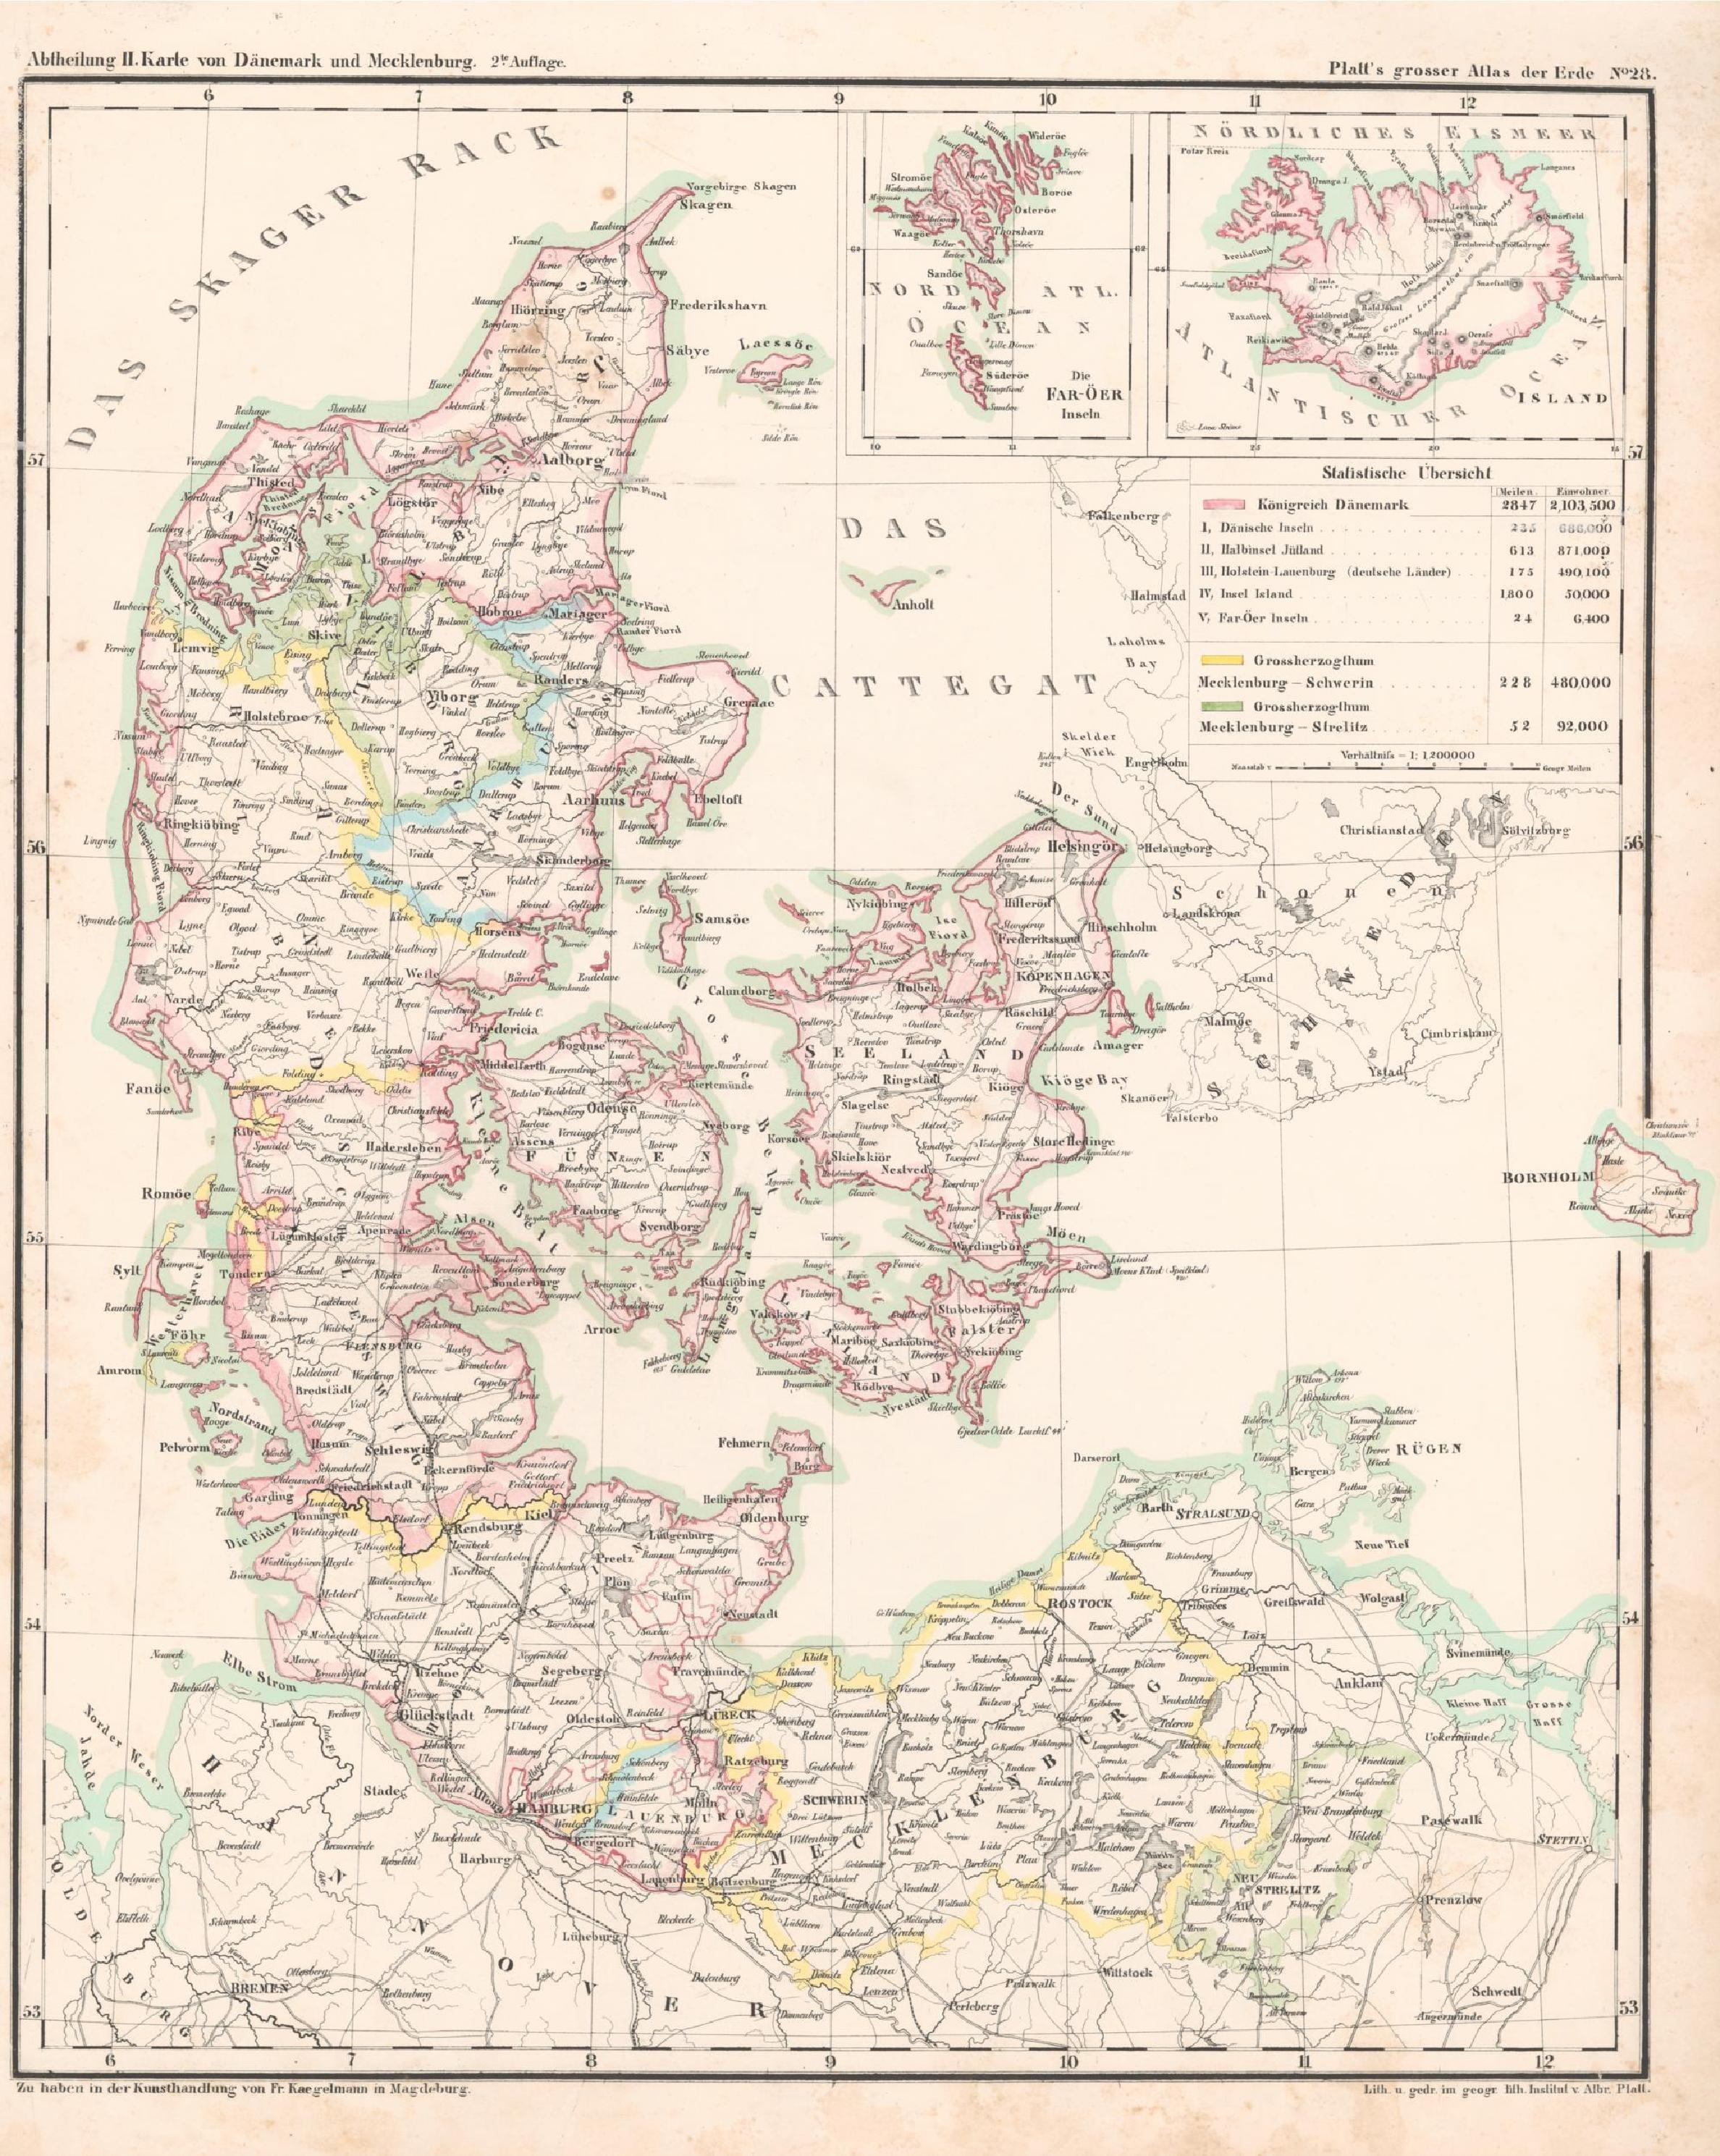 dänemark karte pdf File:Karte von Dänemark und Mecklenburg Platt 1848.pdf   Wikimedia